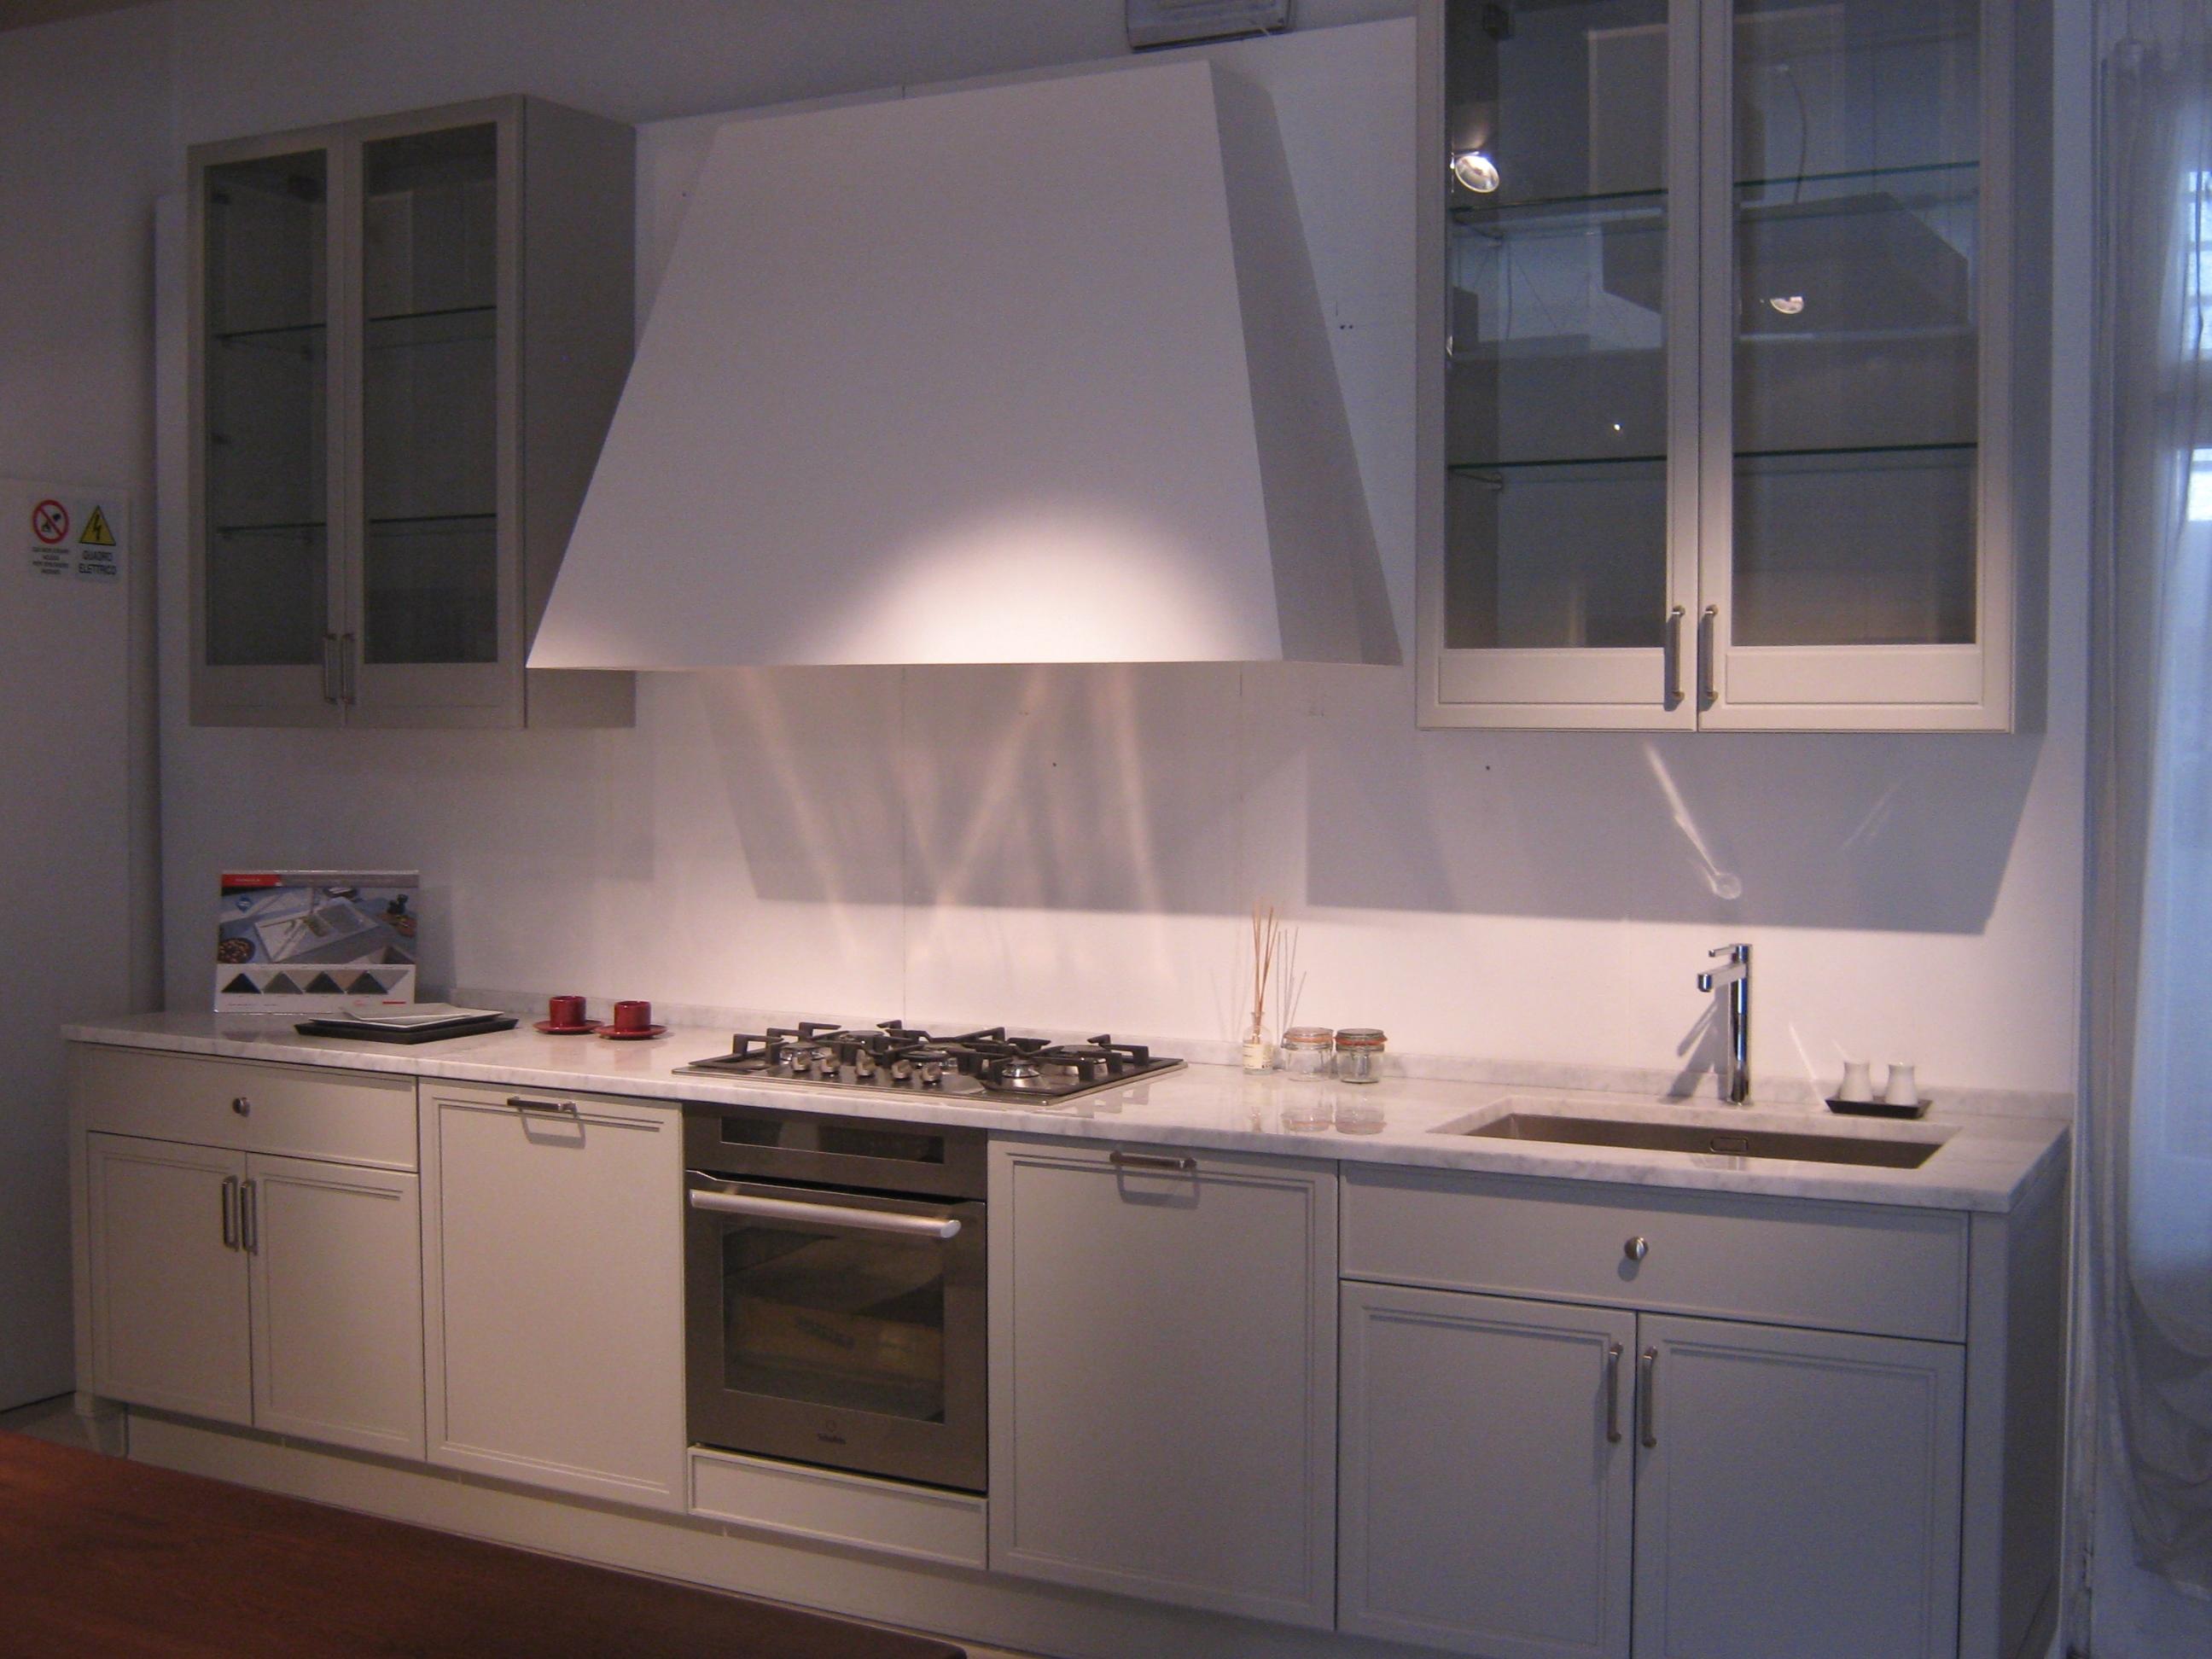 Aster Cucine Con Su Misura Arredamenti A Torino Un Evento Speciale  #8A4D41 2592 1944 Cucine Veneta A Torino